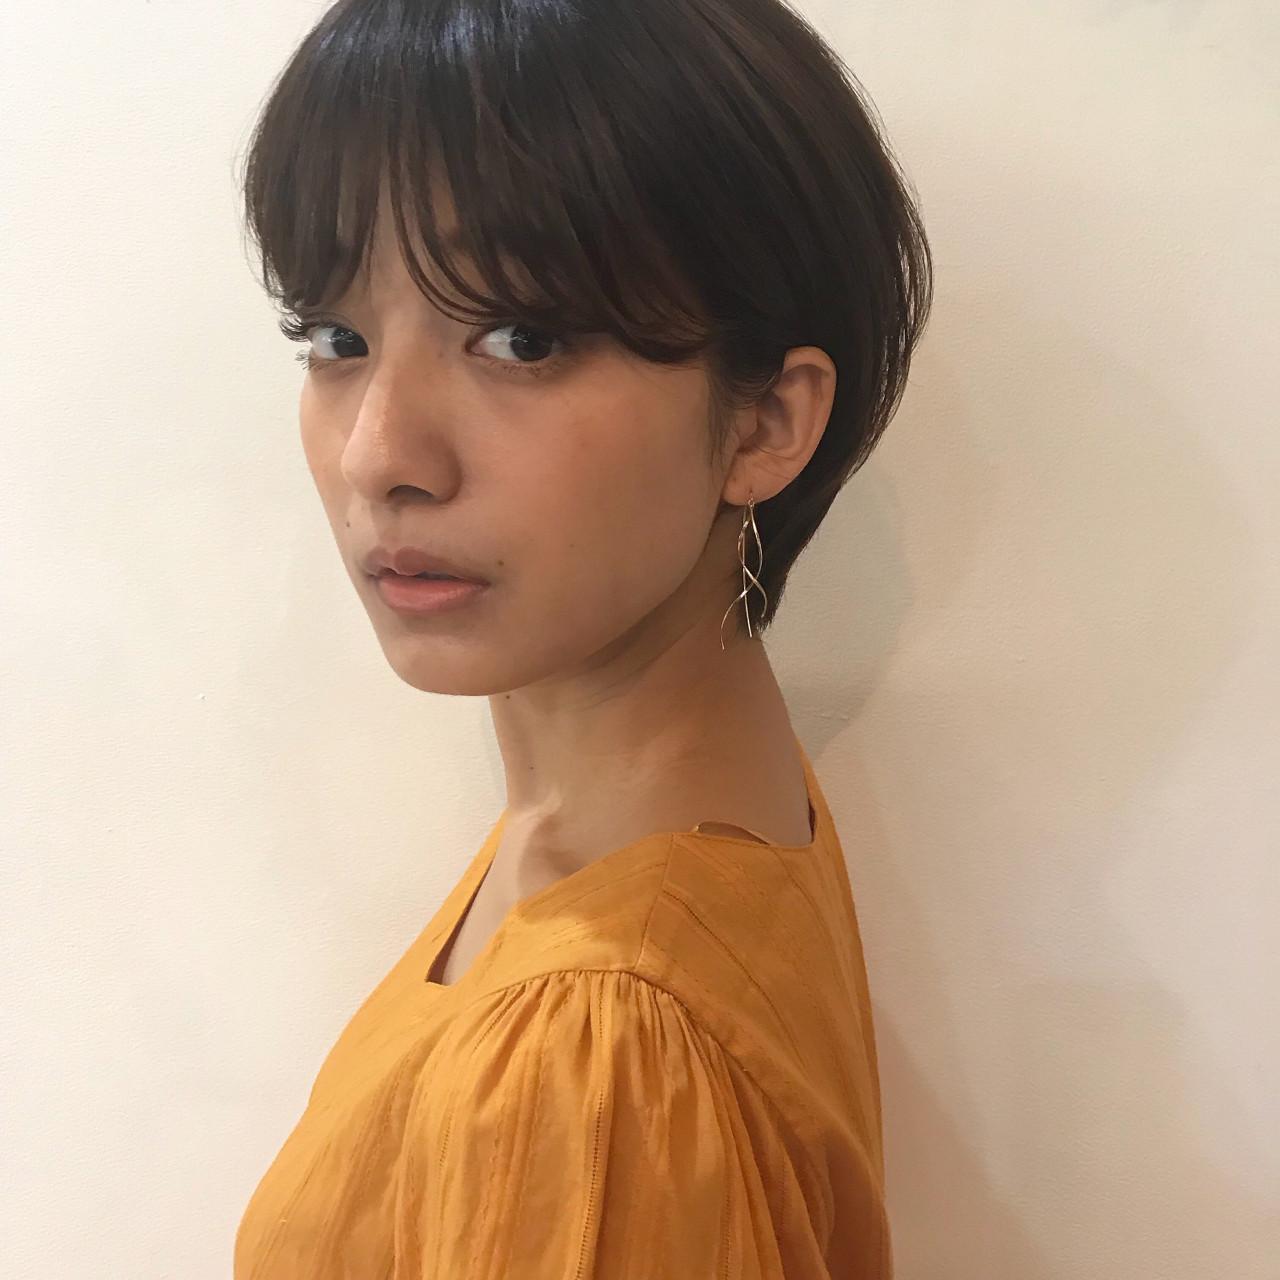 スポーツ フェミニン エフォートレス ナチュラル ヘアスタイルや髪型の写真・画像